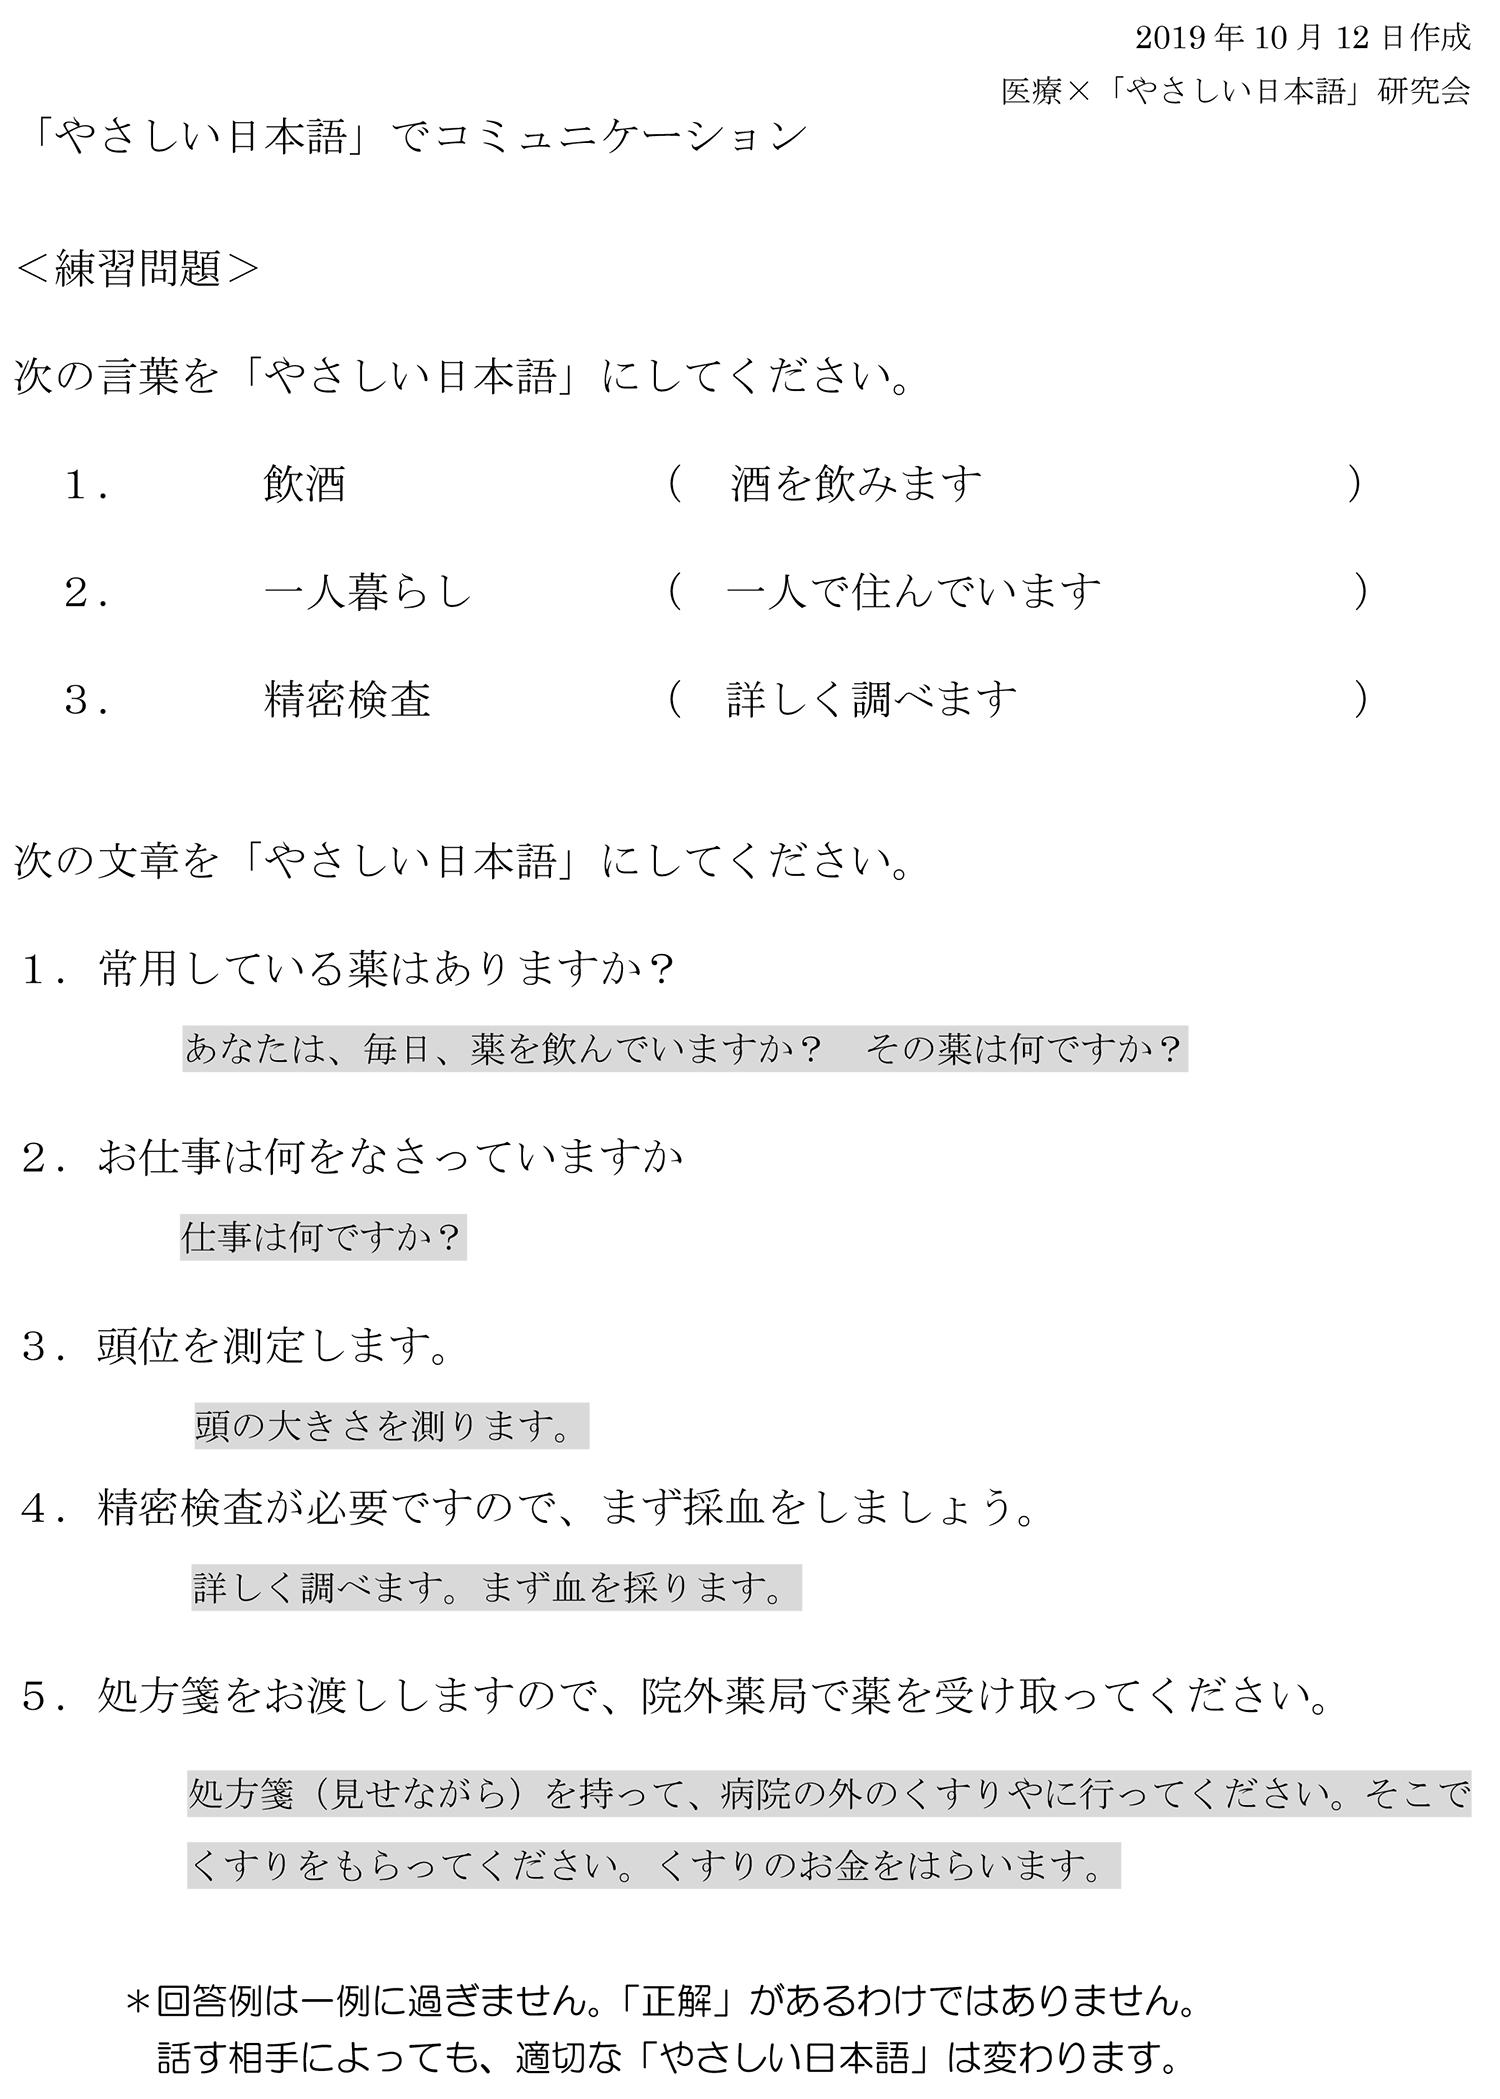 練習問題(単語・文章)回答例